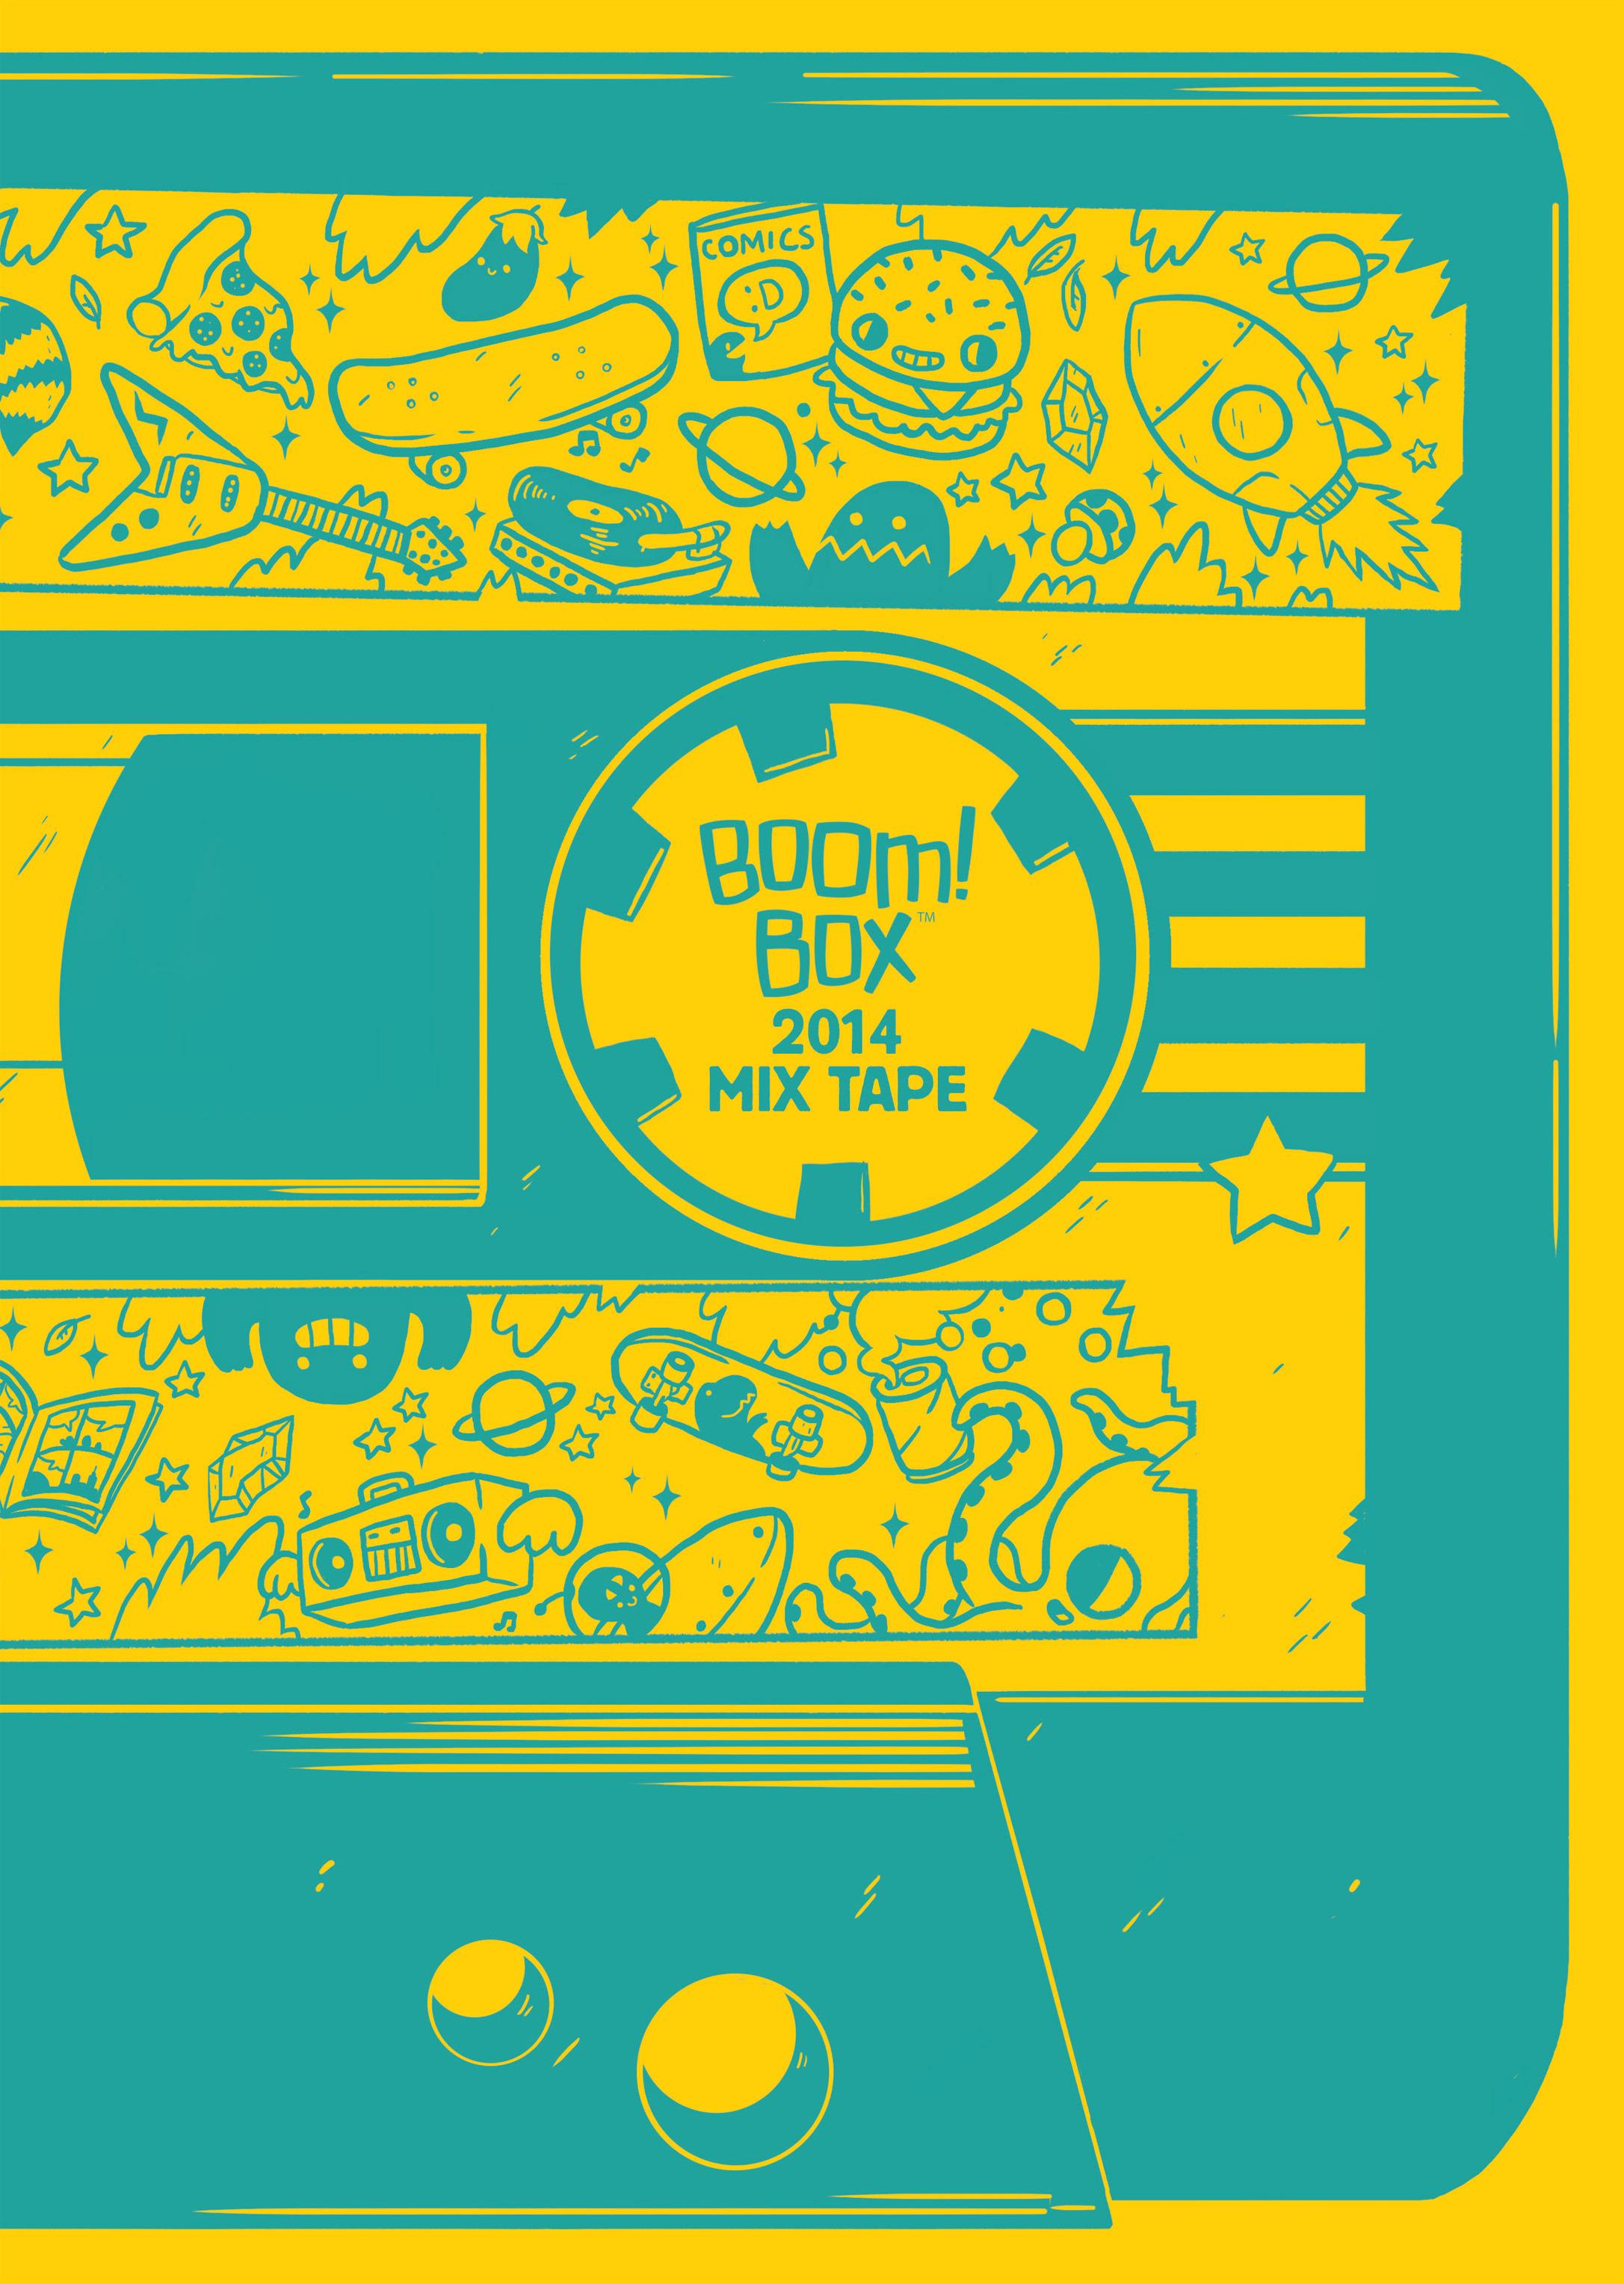 BOOM Box 2014 Mix Tape Full